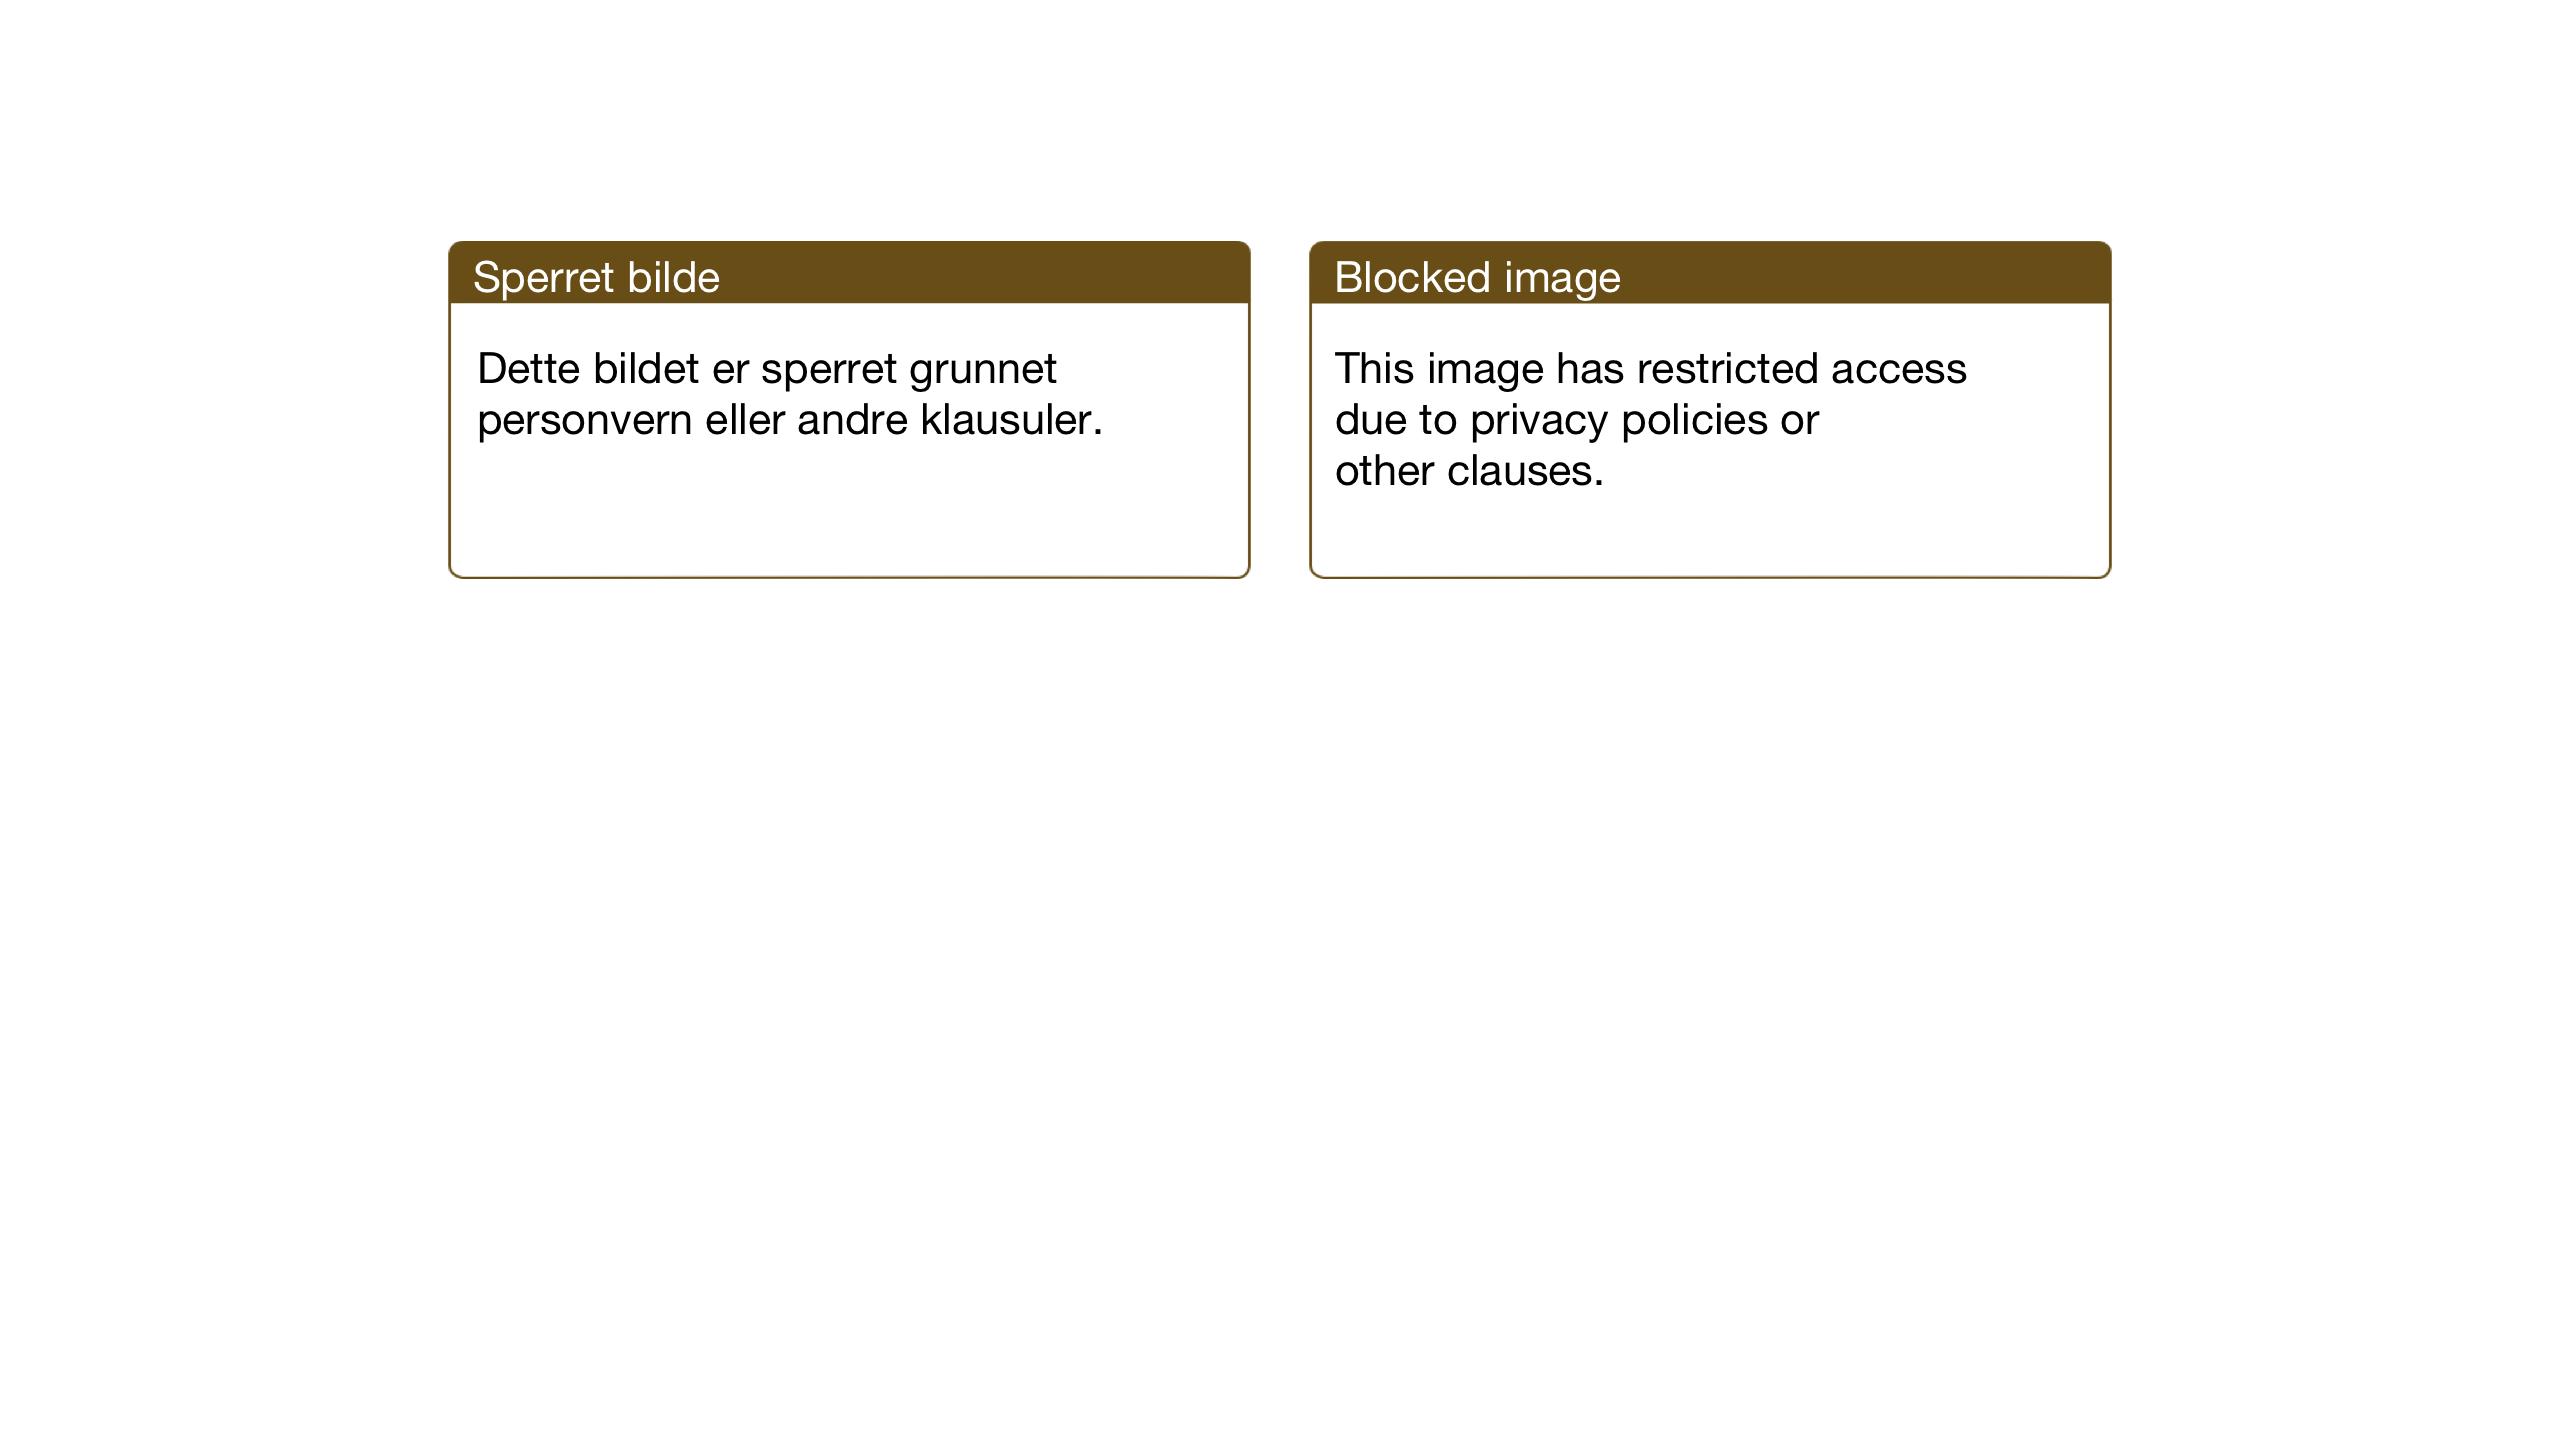 SAT, Ministerialprotokoller, klokkerbøker og fødselsregistre - Nord-Trøndelag, 720/L0193: Klokkerbok nr. 720C02, 1918-1941, s. 95